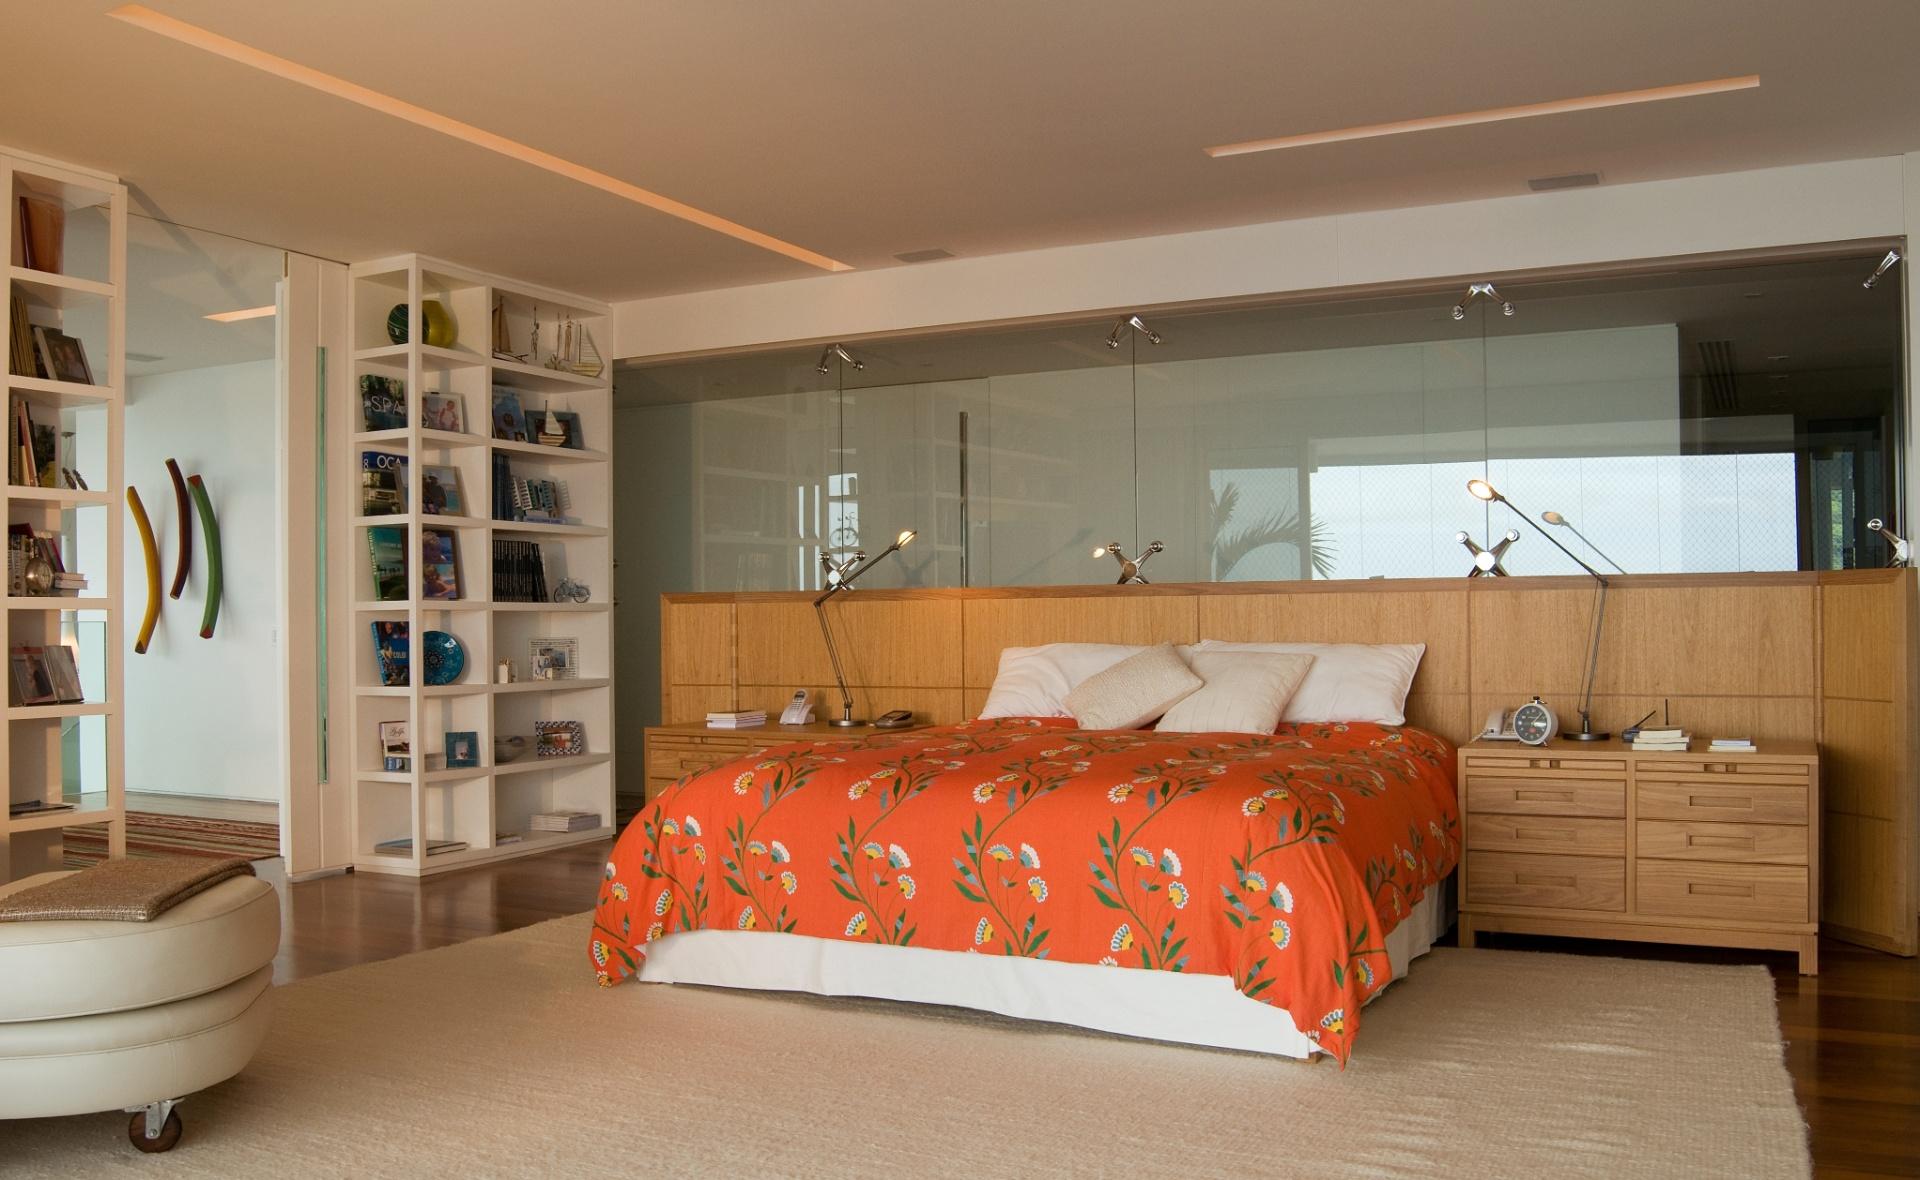 No apartamento dúplex, em São Conrado (RJ), a suíte do casal possui um closet (ao fundo), com portas de correr de vidro que o integram ao dormitório. O projeto de reforma e interiores do imóvel é de autoria da arquiteta Izabela Lessa